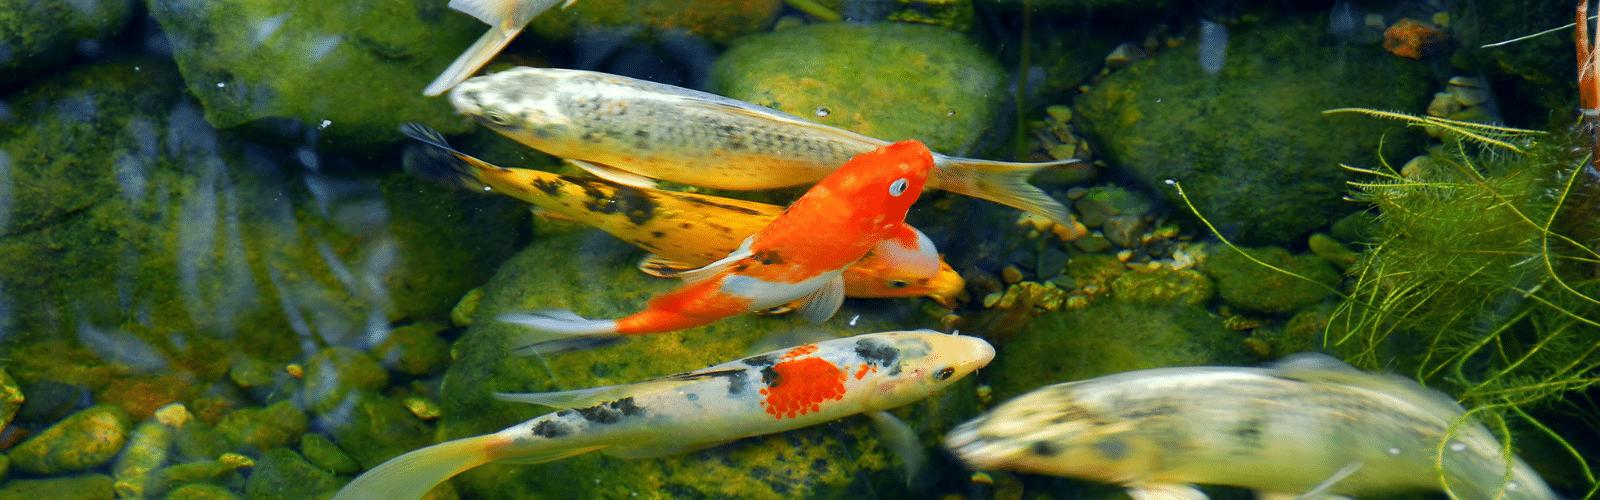 Koivijvers en vijvers met vissen